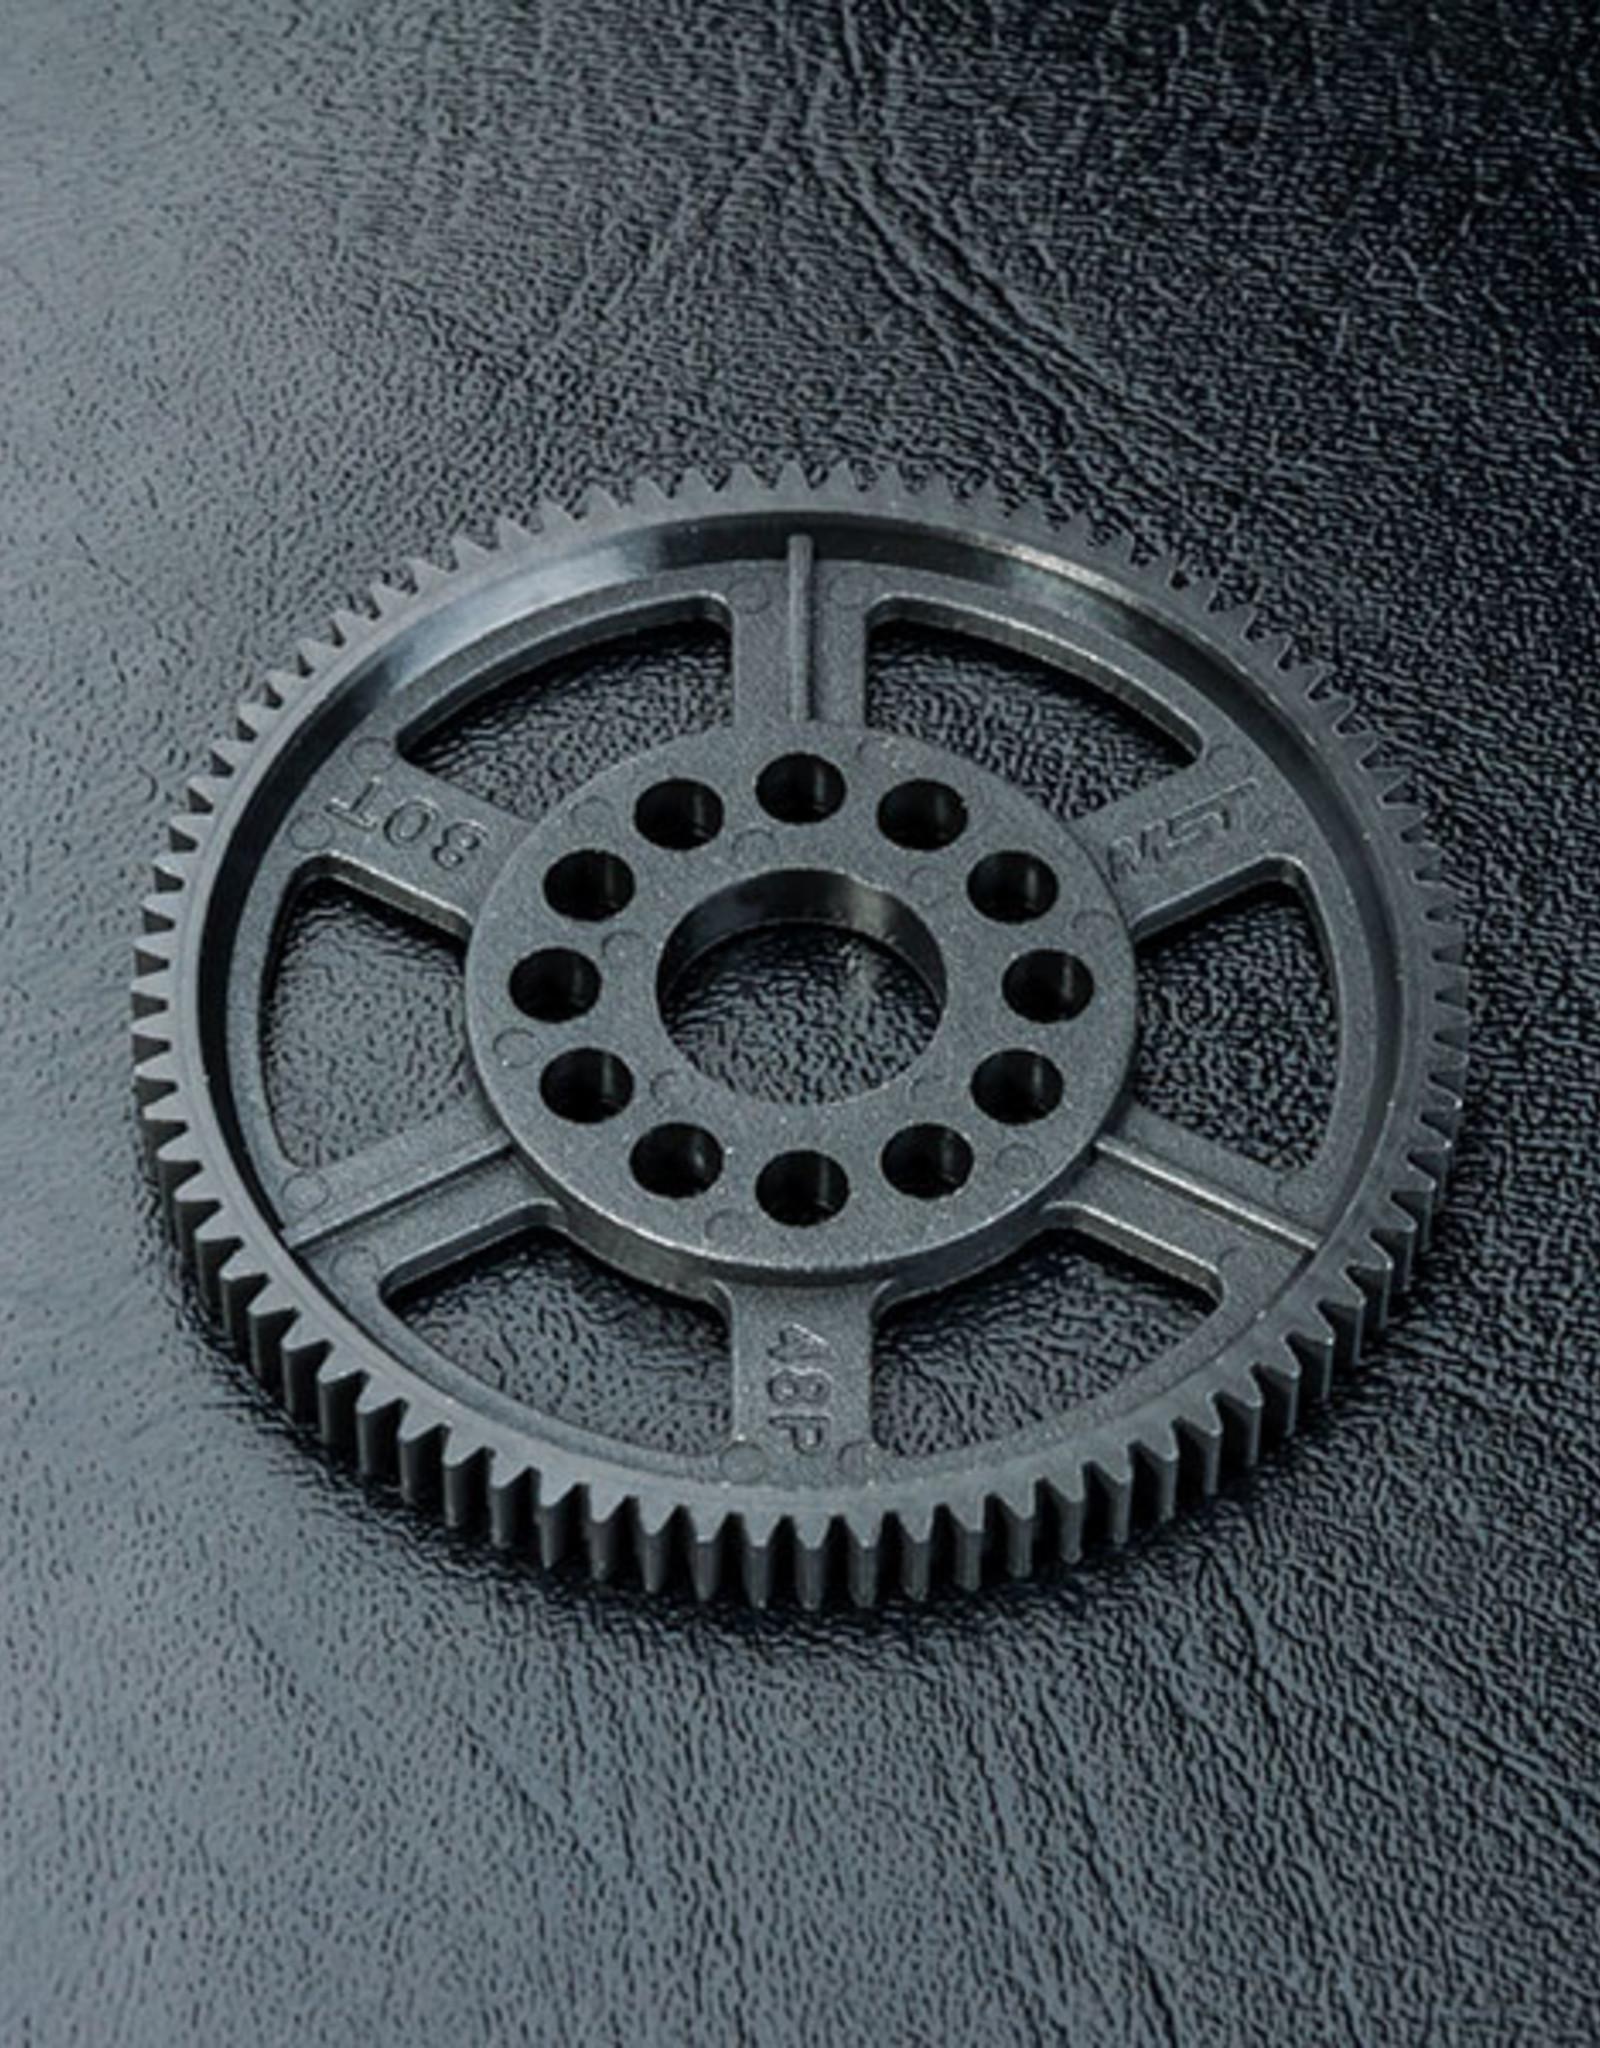 MST MXSPD230068 Spur gear 48P-80T 230068 by MST